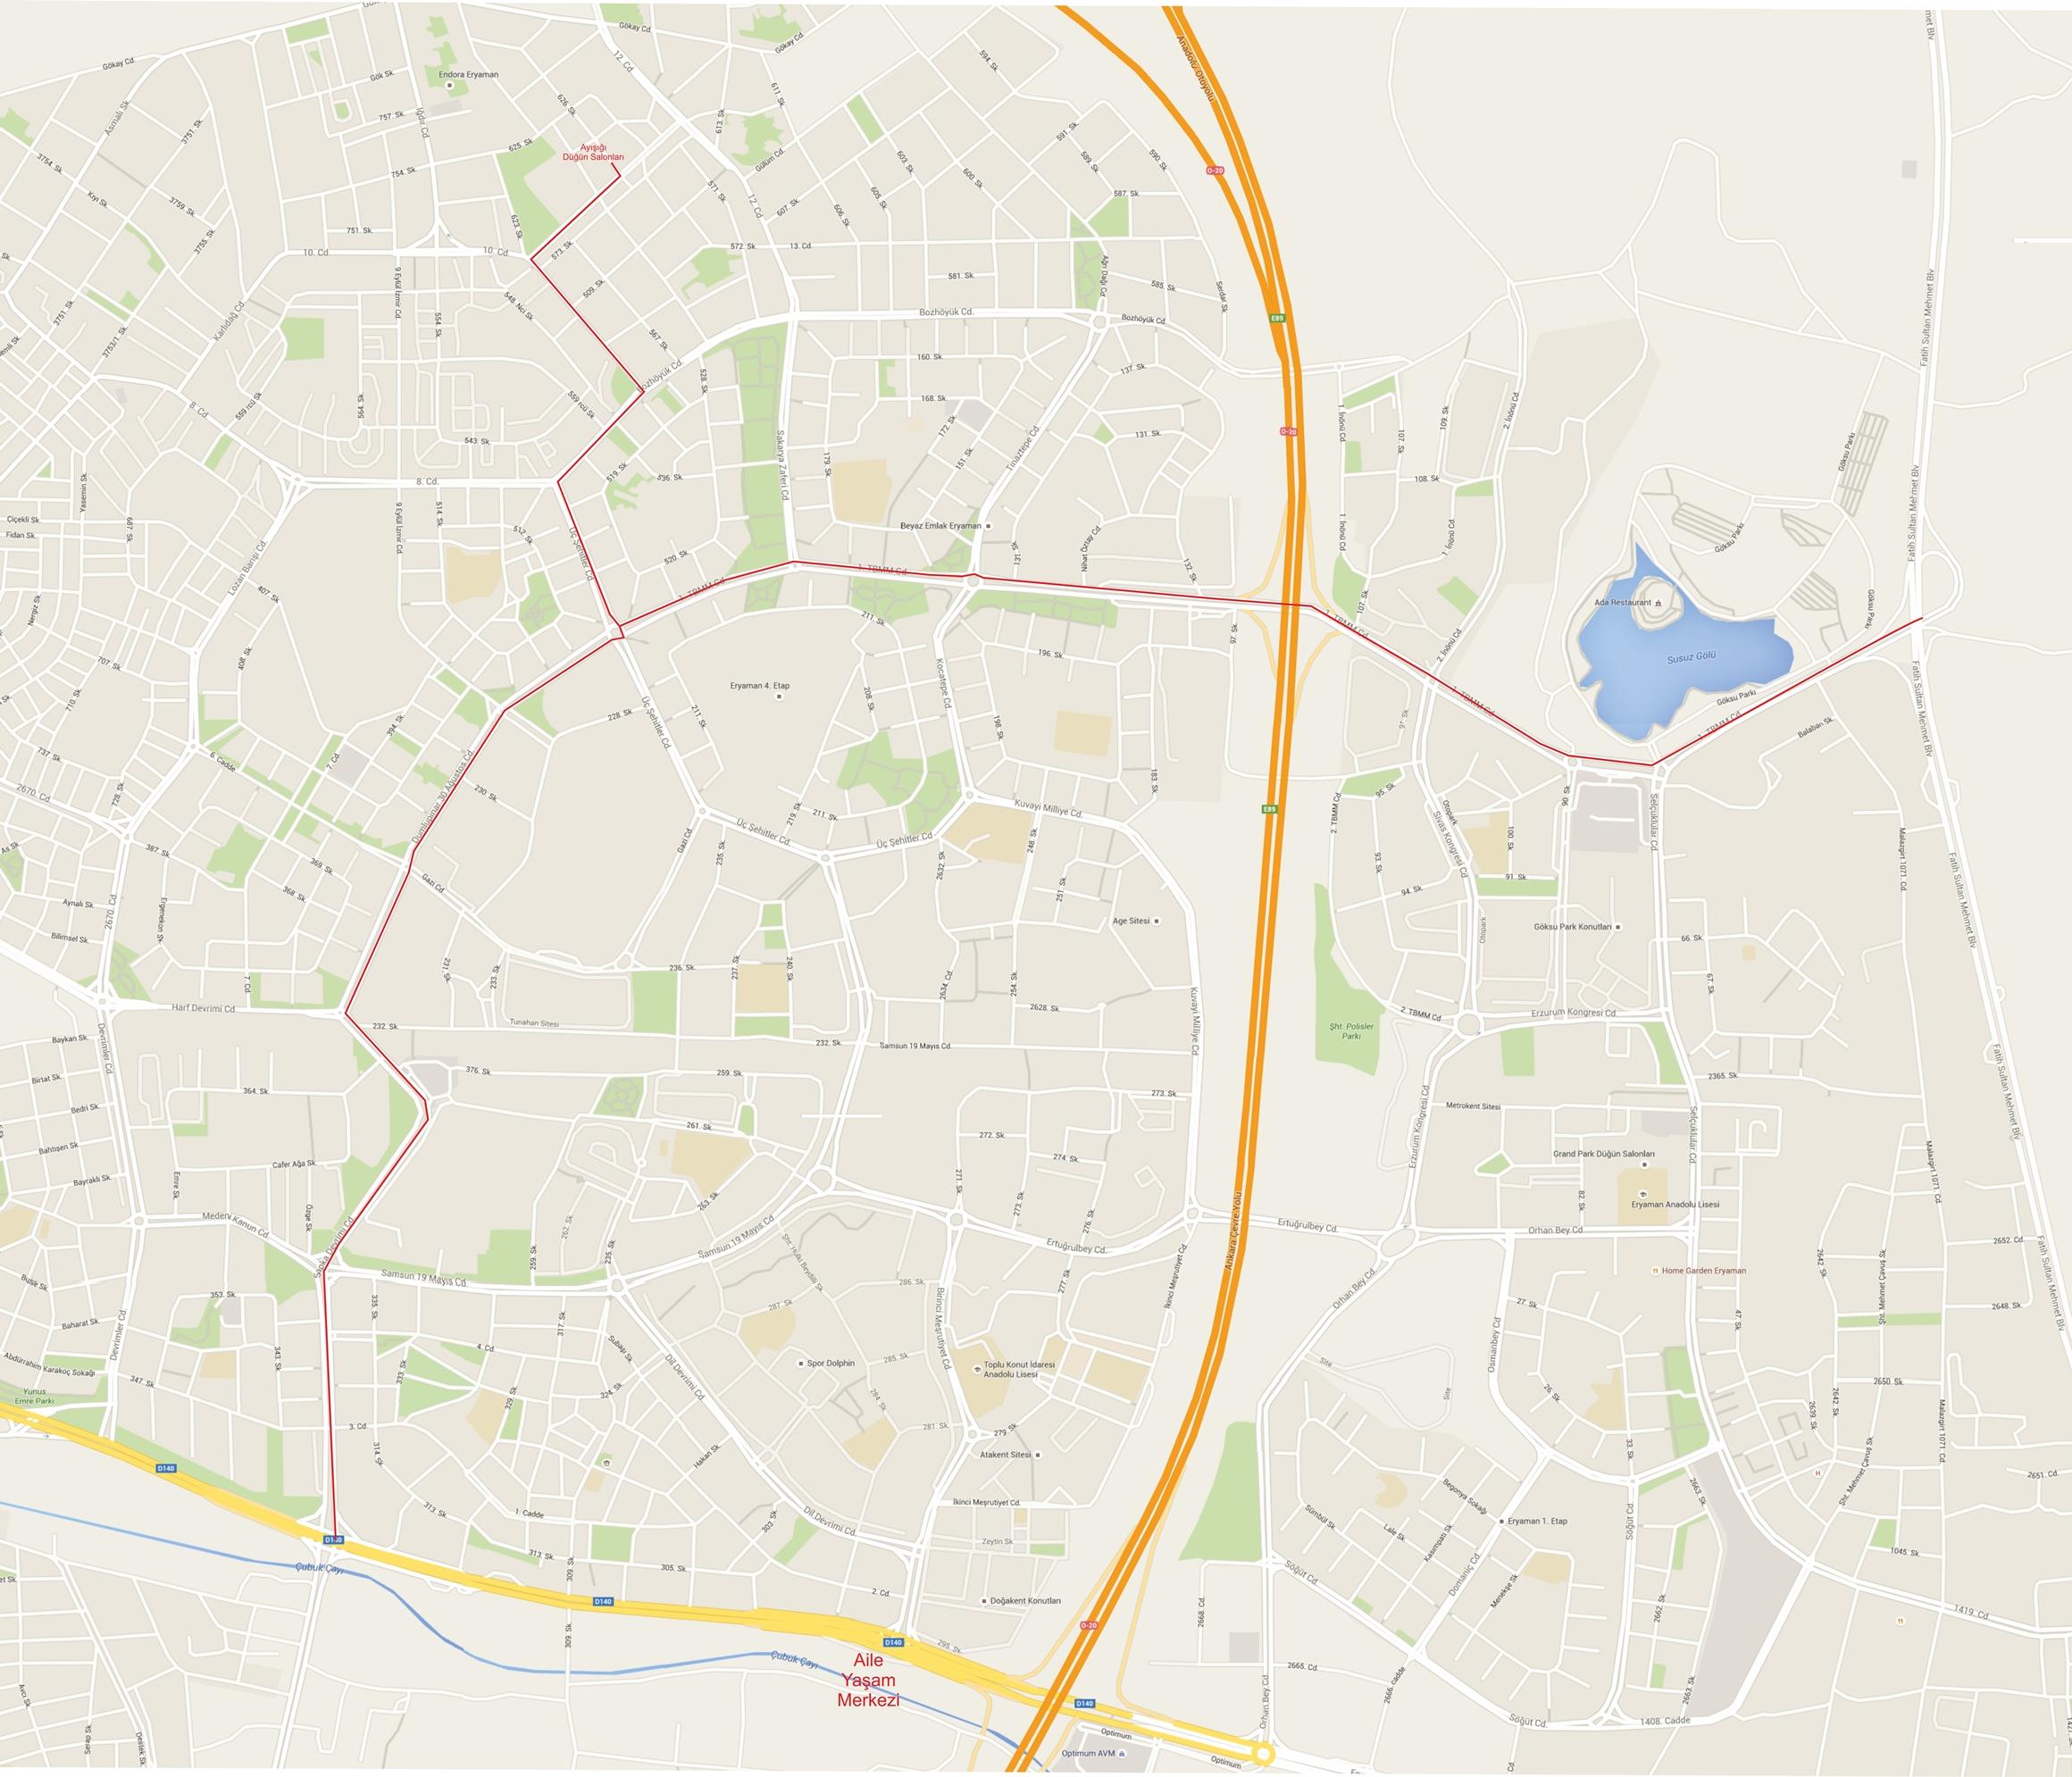 ayisigi-harita